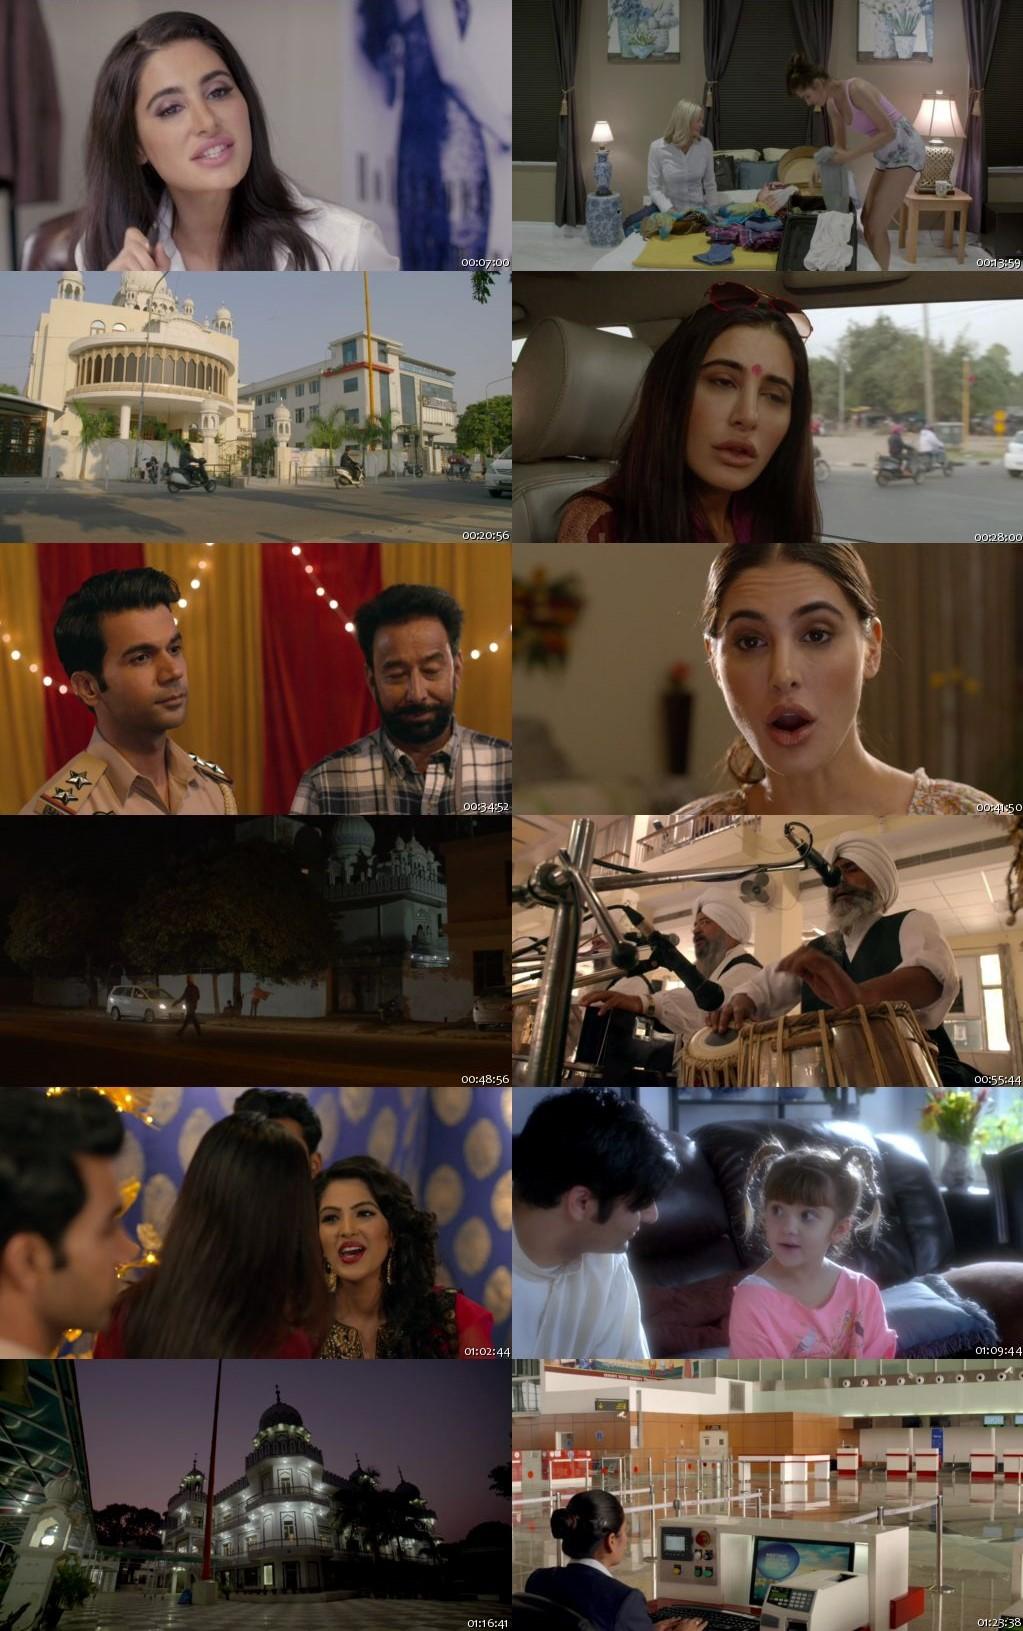 5 Weddings 2018 Full Movie Online Watch HDRip 480p 300Mb